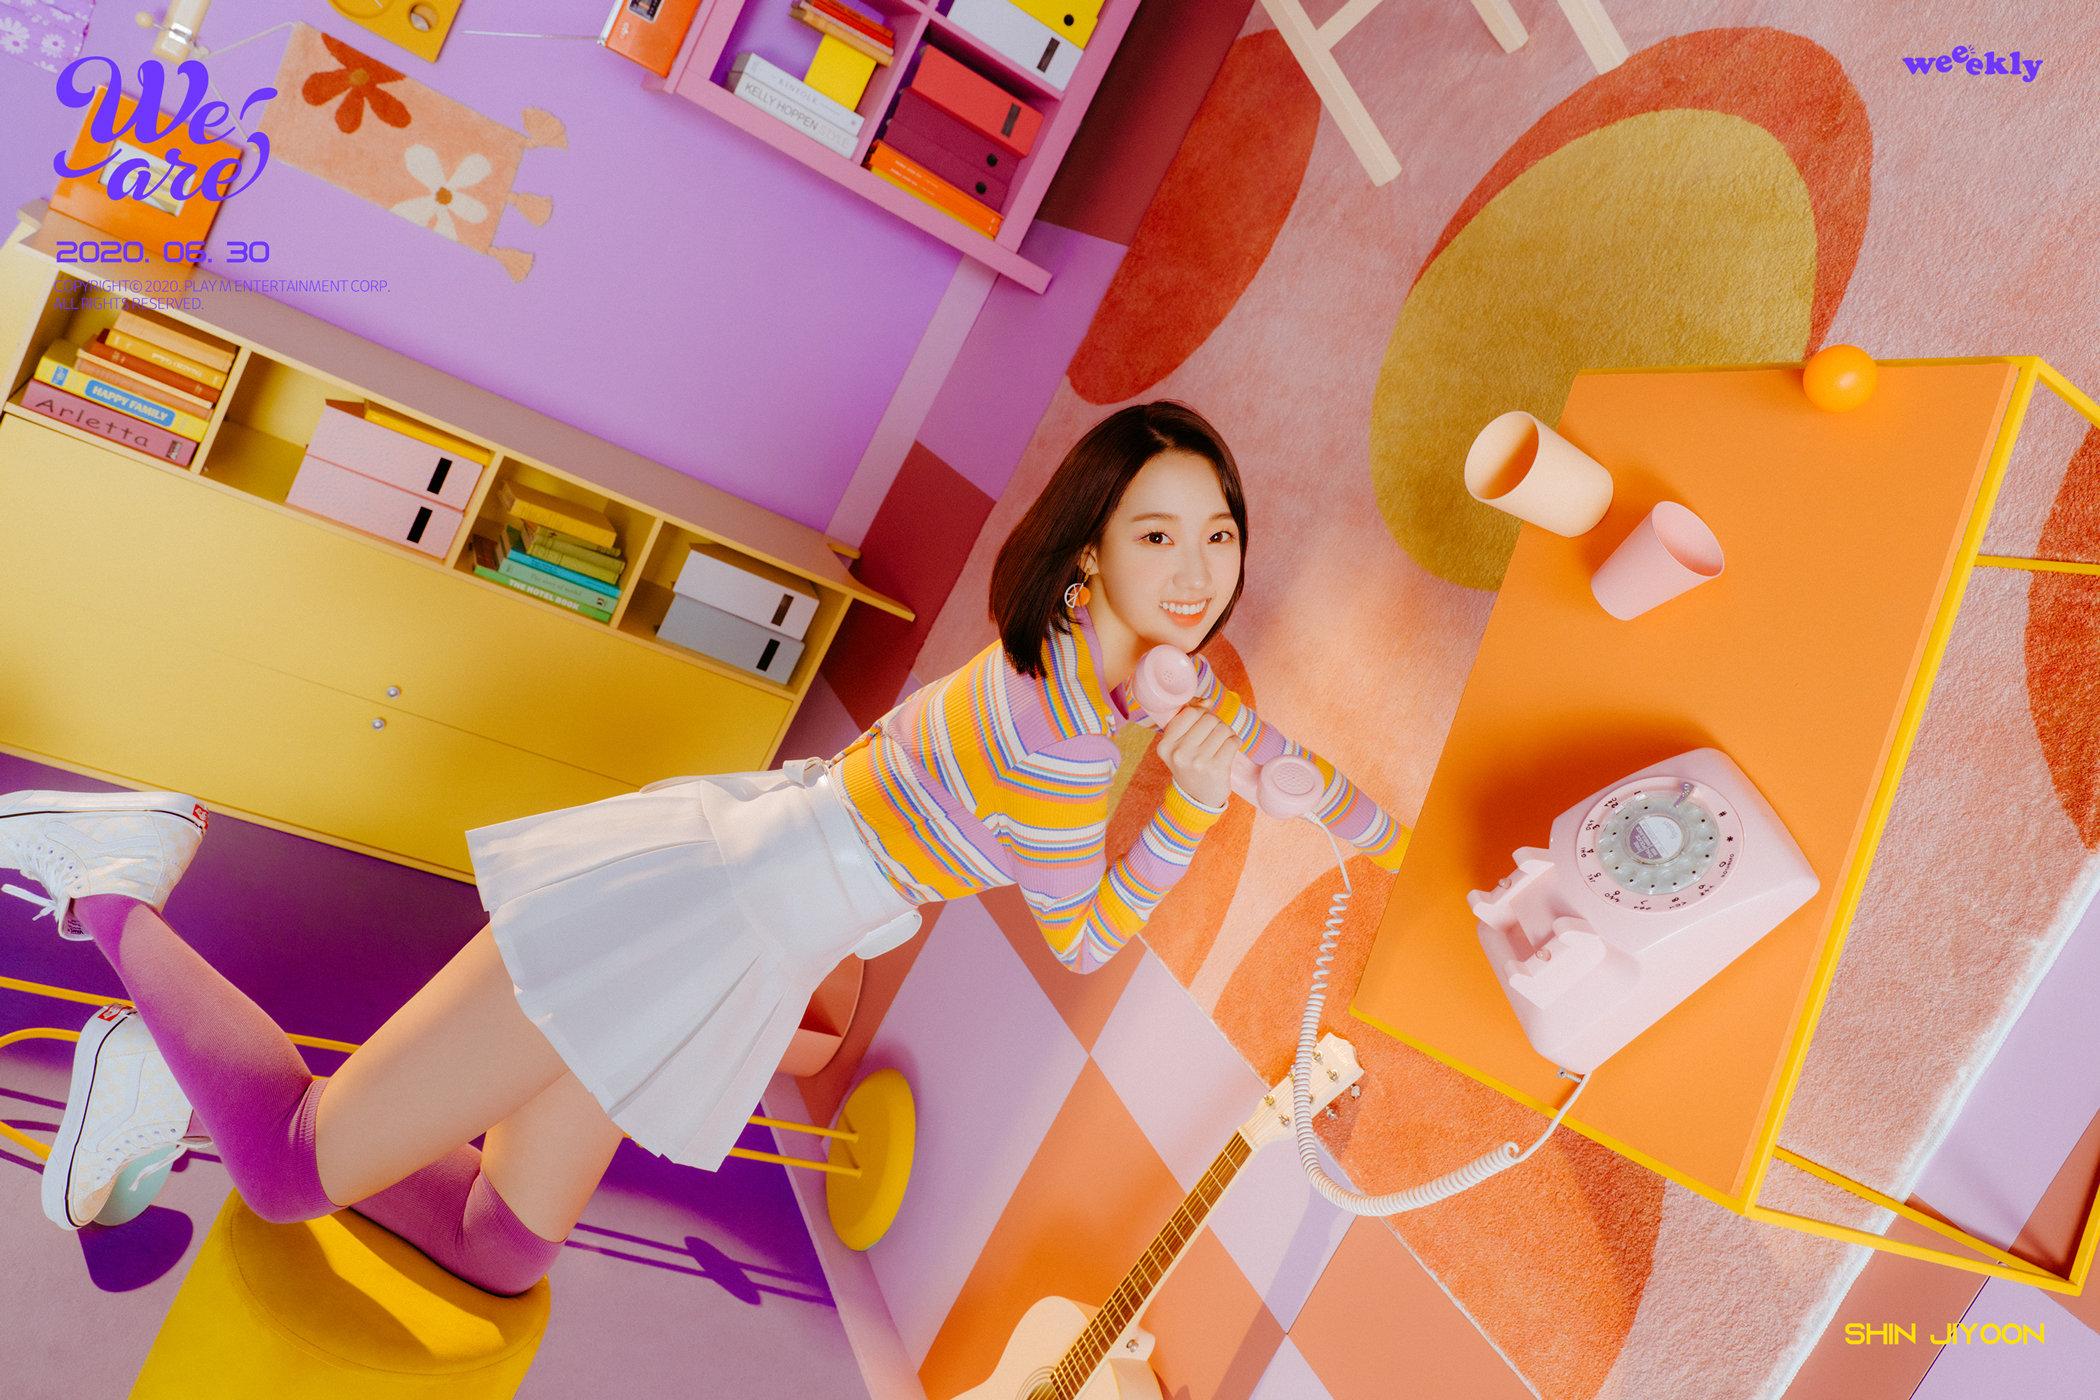 Shin Jiyoon Weeekly We Are Teaser